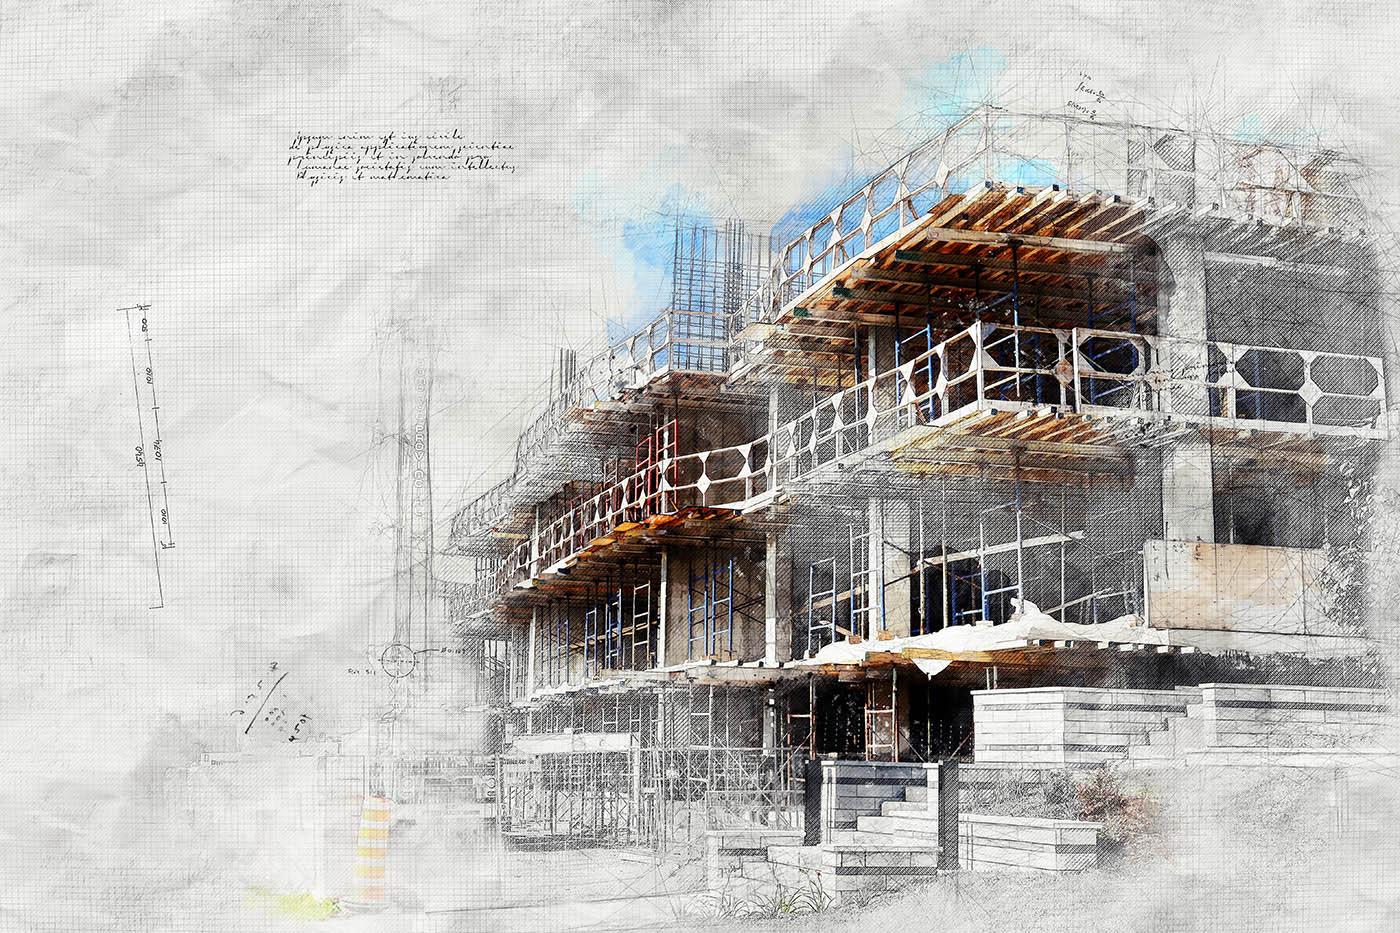 Image sketch de projet de construction - photo stock